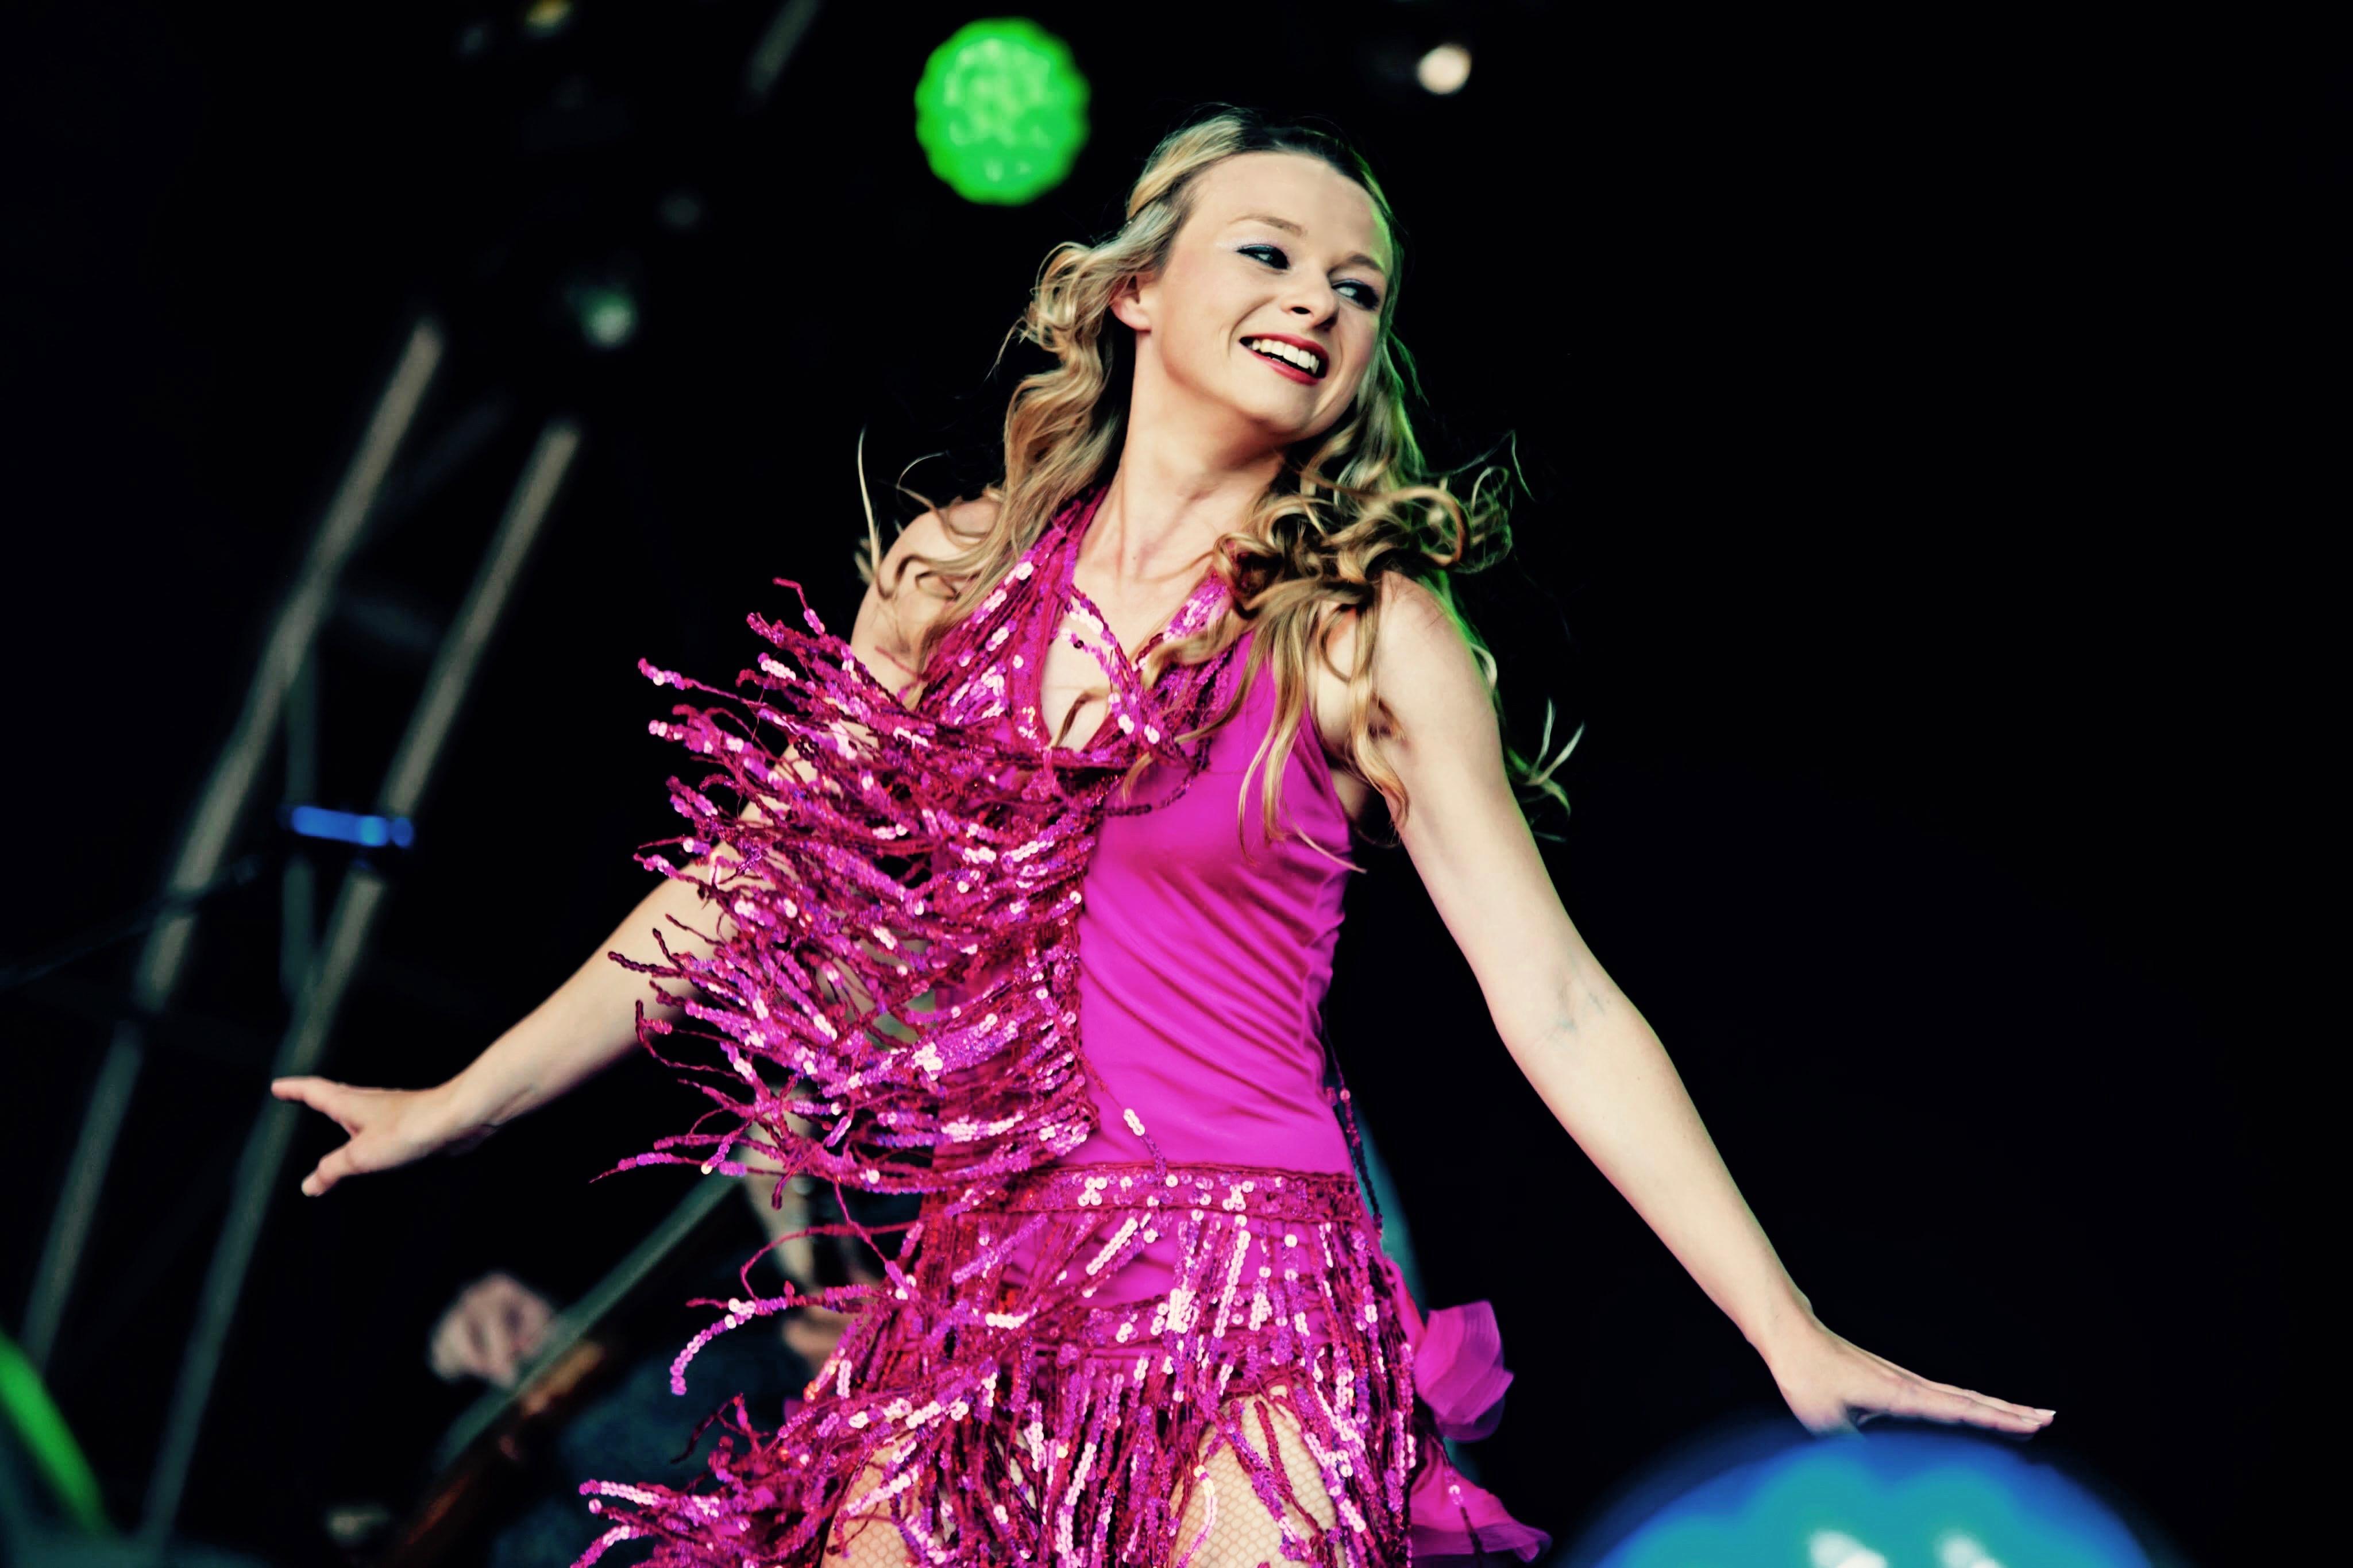 Rachel Totally TINA Dancer